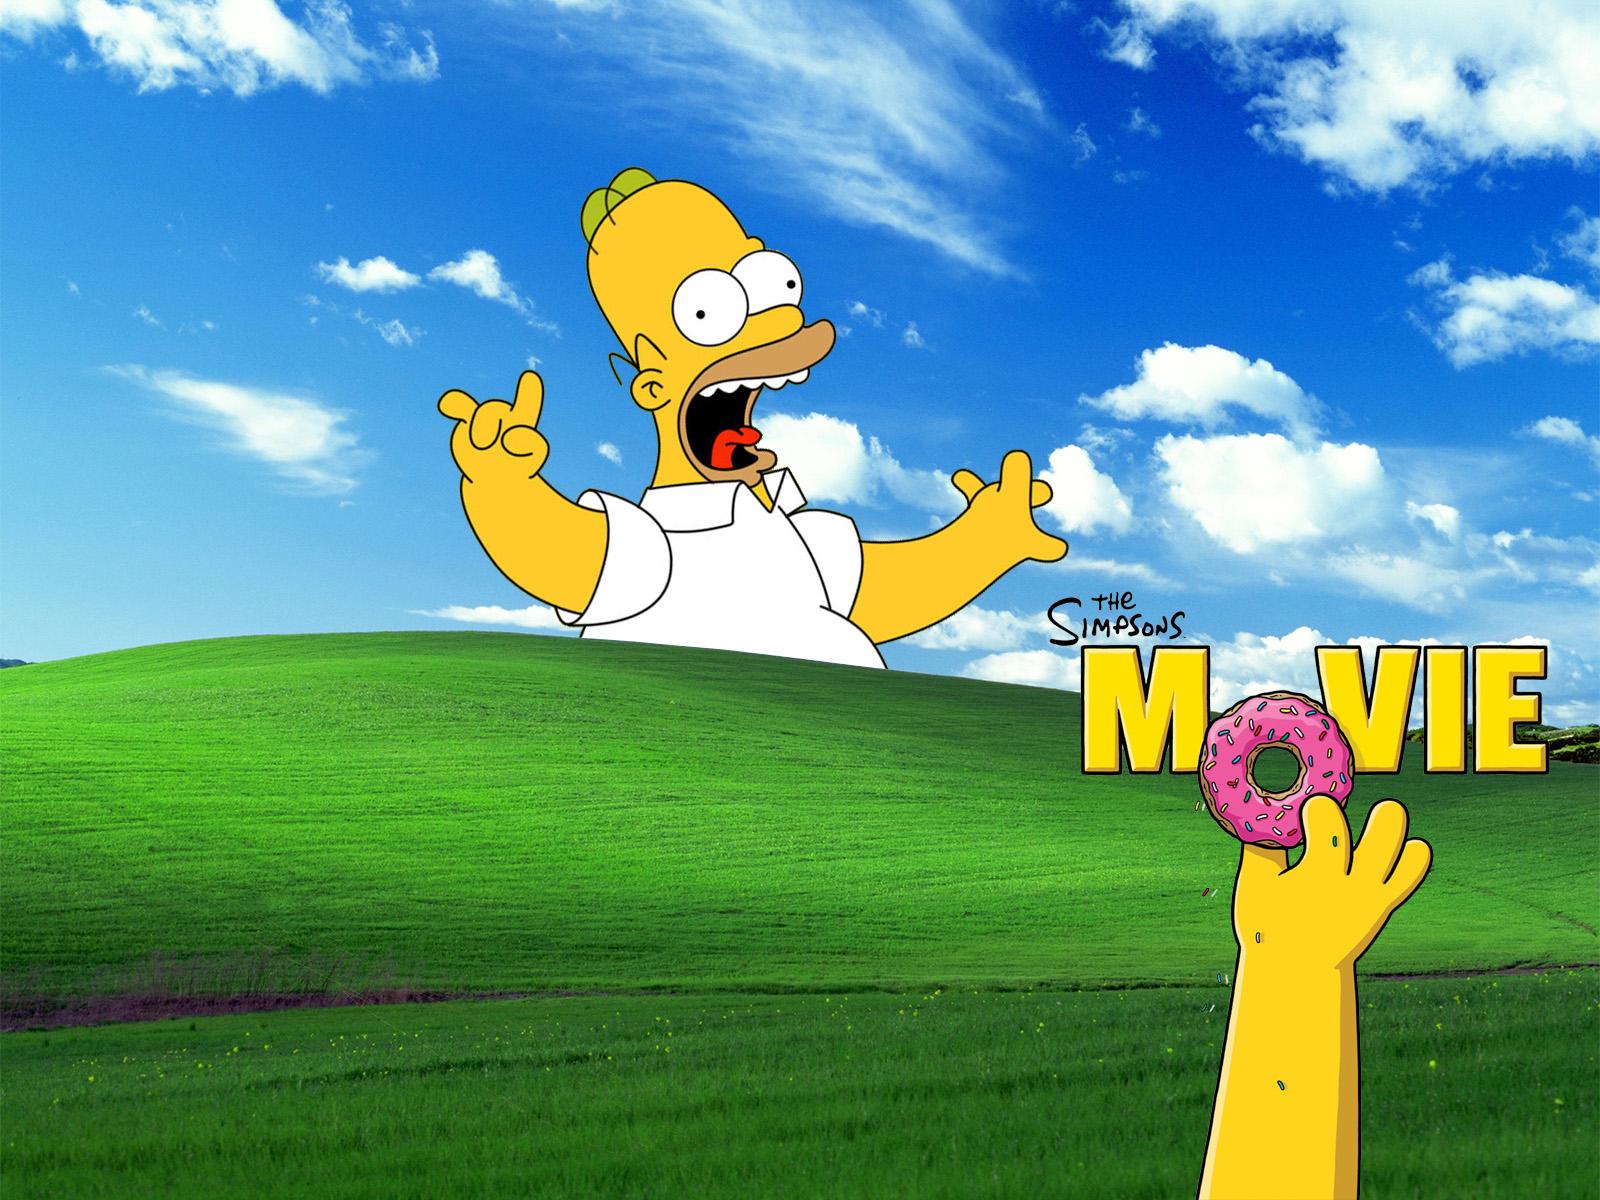 Windows Simpsons, wallpapers, обои для рабочего стола, Симпсоны, скачать фото